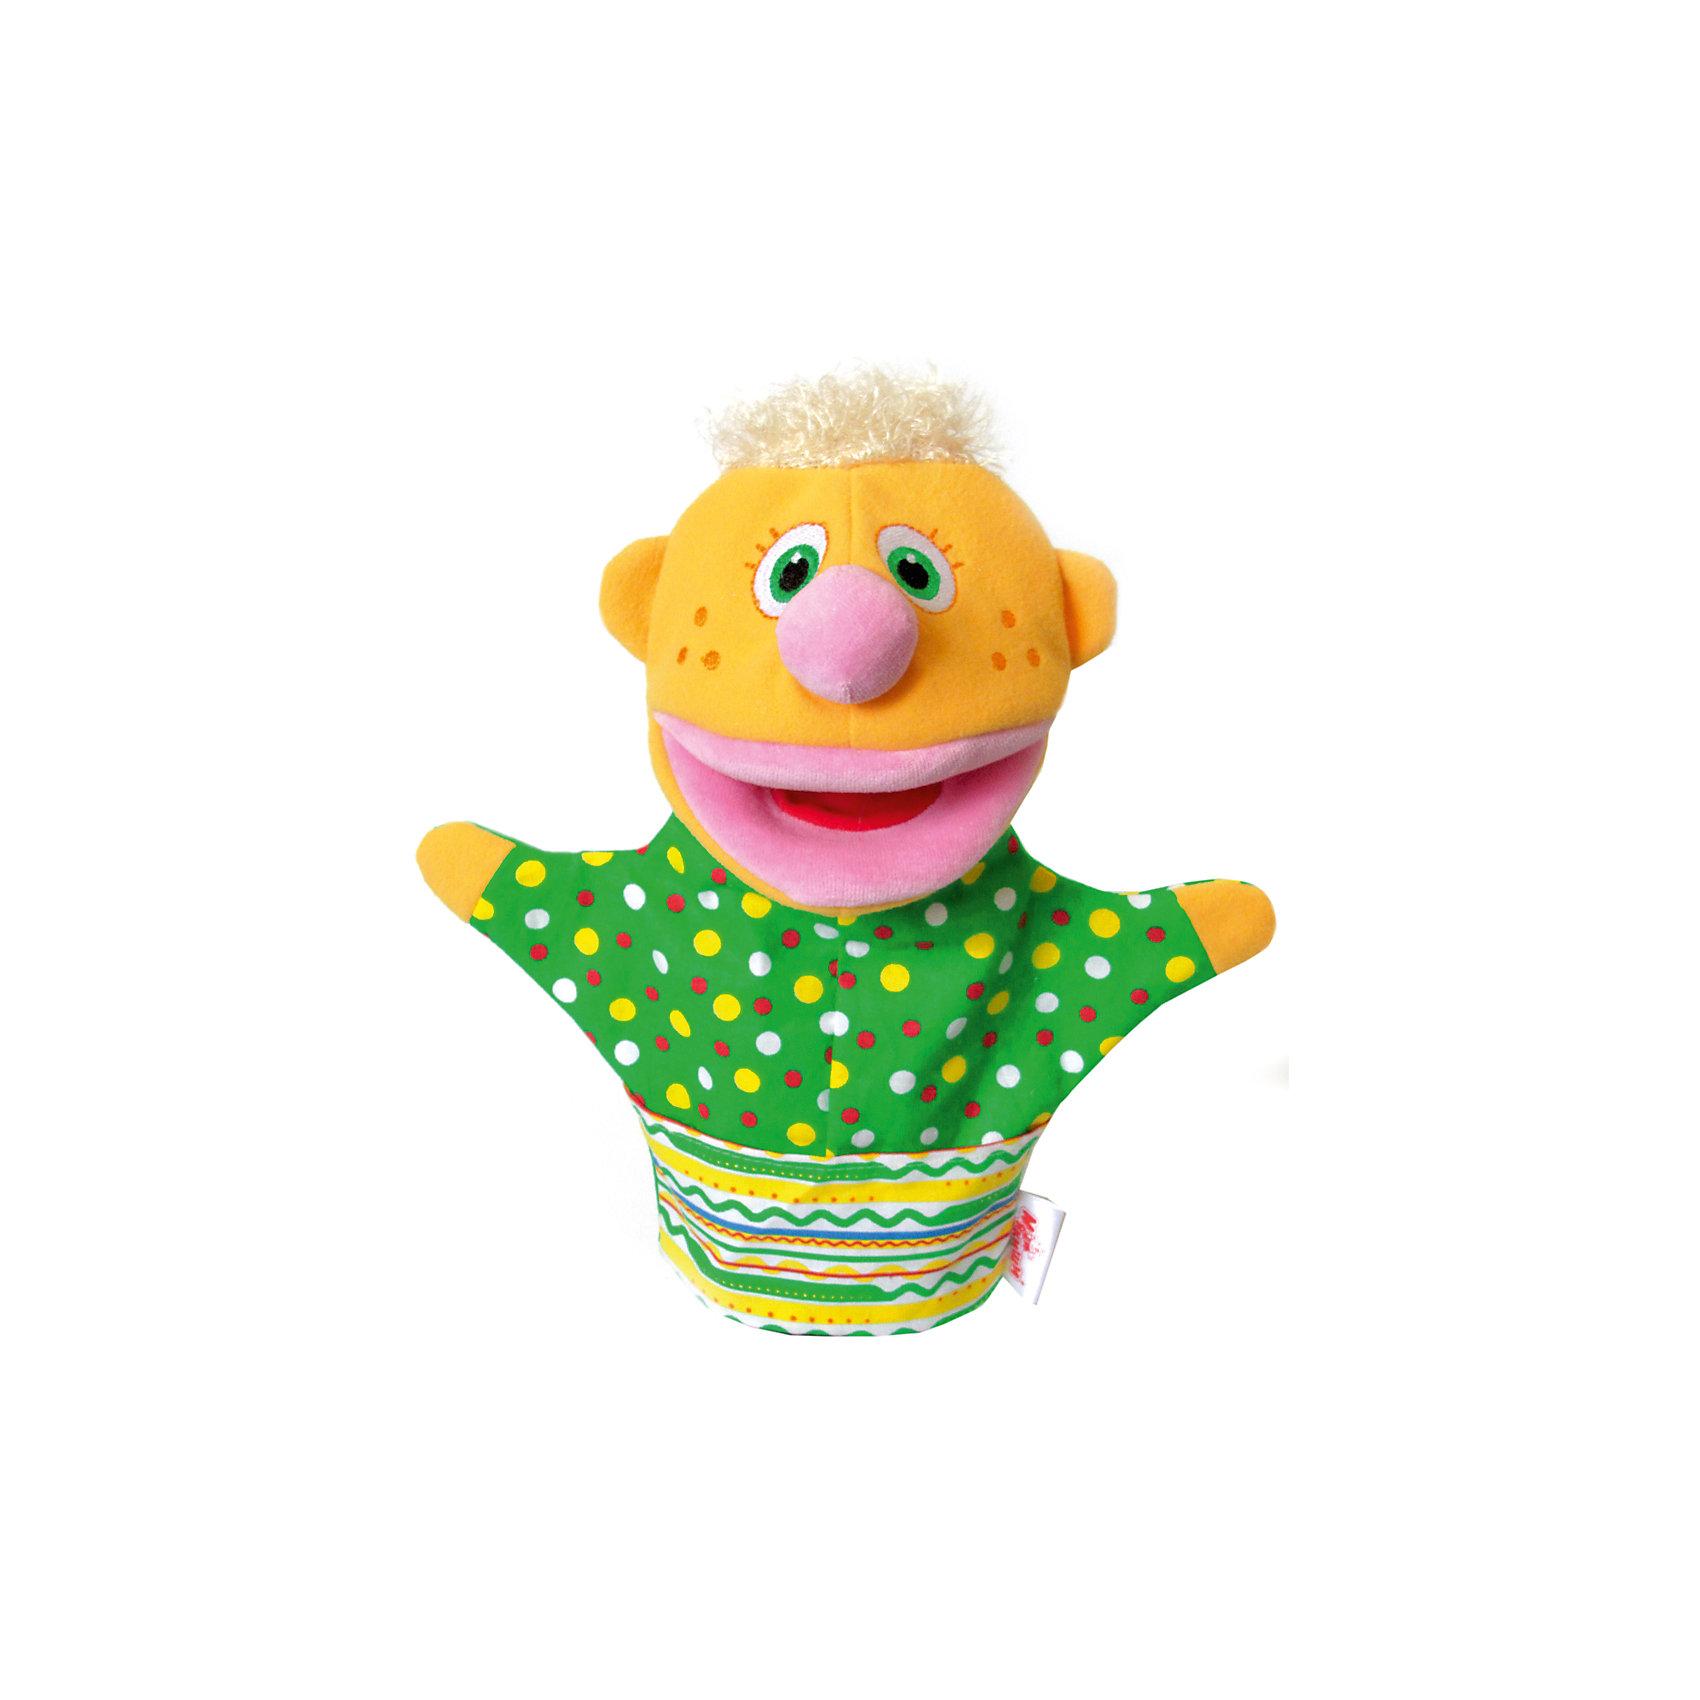 Игрушка-рукавичкаНямлик, МякишиМягкие игрушки<br>Игрушка-рукавичка Нямлик, Мякиши.<br><br>Характеристики:<br><br>• Возраст: с рождения<br>• Высота игрушки: 26 см.<br>• Материал: х/б ткань, холлофайбер, махра, мех, велюр, трикотаж<br><br>Мягкая игрушка на руку Нямлик от компании Мякиши поднимет настроение и вызовет улыбку не только у ребенка, но и у взрослого. Игрушка выполнена в виде яркого веселого человечка из высококачественной разнофактурной ткани и мягкого наполнителя, абсолютно безопасна. Глазки и веснушки на щечках Нямлика вышиты нитками. У игрушки большой открывающийся рот. <br><br>Нямлик может строить забавные рожицы, разговаривать (с вашей помощью, конечно), помогать Вам в кормлении малыша, и станет отличным помощником в деле воспитания и развития ребенка. Такая игрушка способствует укреплению мелкой моторики рук ребенка, развитию его речевых способностей и воображения.<br><br>Игрушку-рукавичку Нямлик, Мякиши можно купить в нашем интернет-магазине.<br><br>Ширина мм: 200<br>Глубина мм: 80<br>Высота мм: 210<br>Вес г: 155<br>Возраст от месяцев: 0<br>Возраст до месяцев: 36<br>Пол: Унисекс<br>Возраст: Детский<br>SKU: 5478525